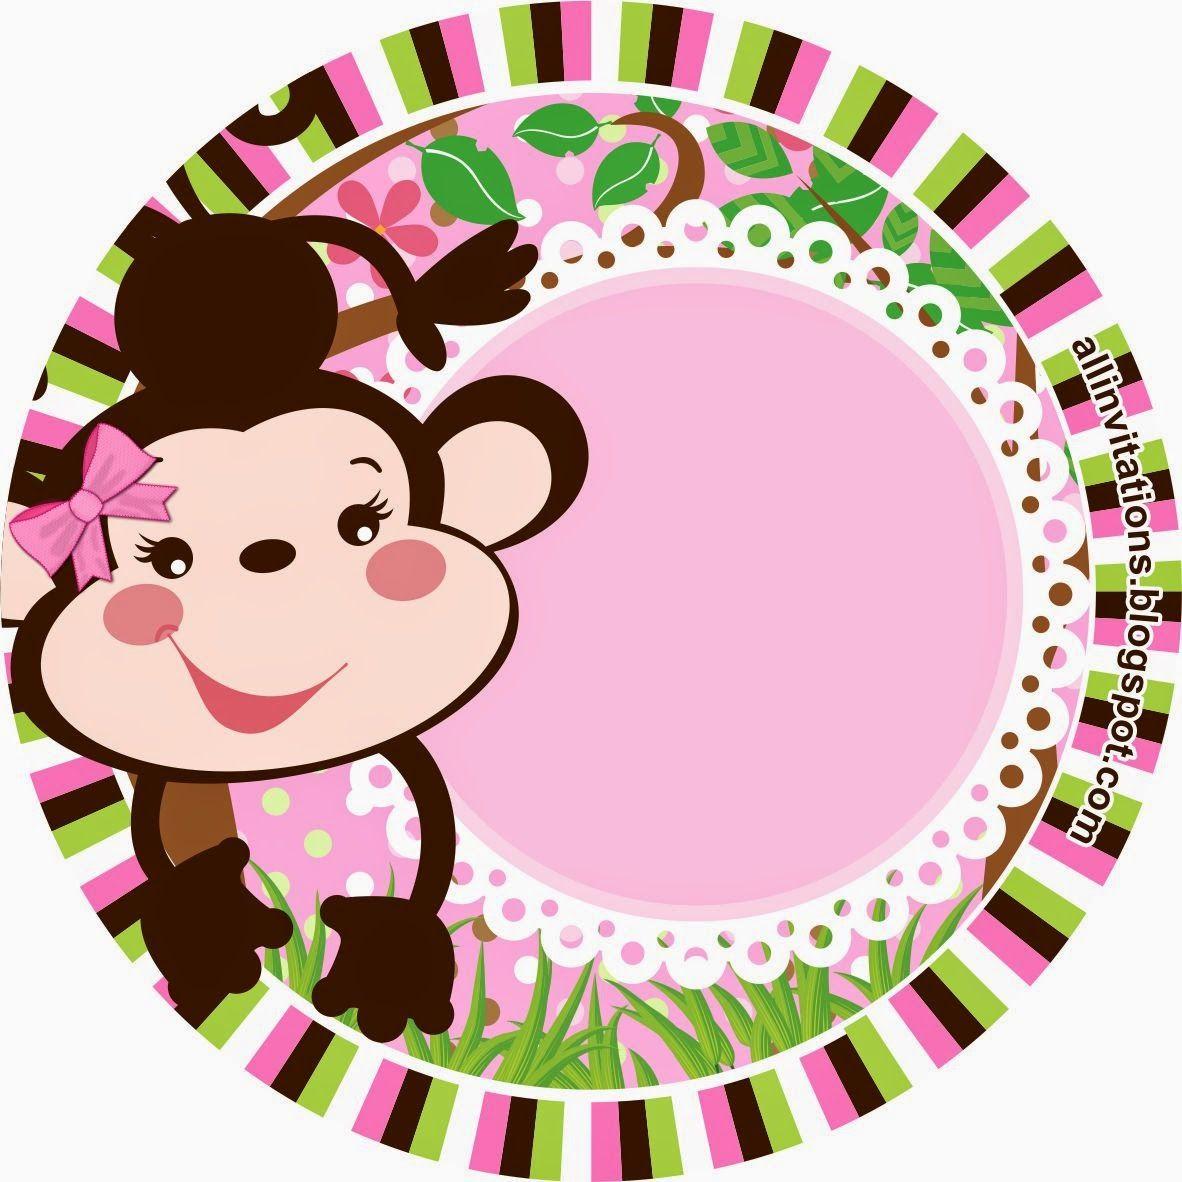 Etiqueta redonda changuita | baby de miguel angel | Pinterest ...